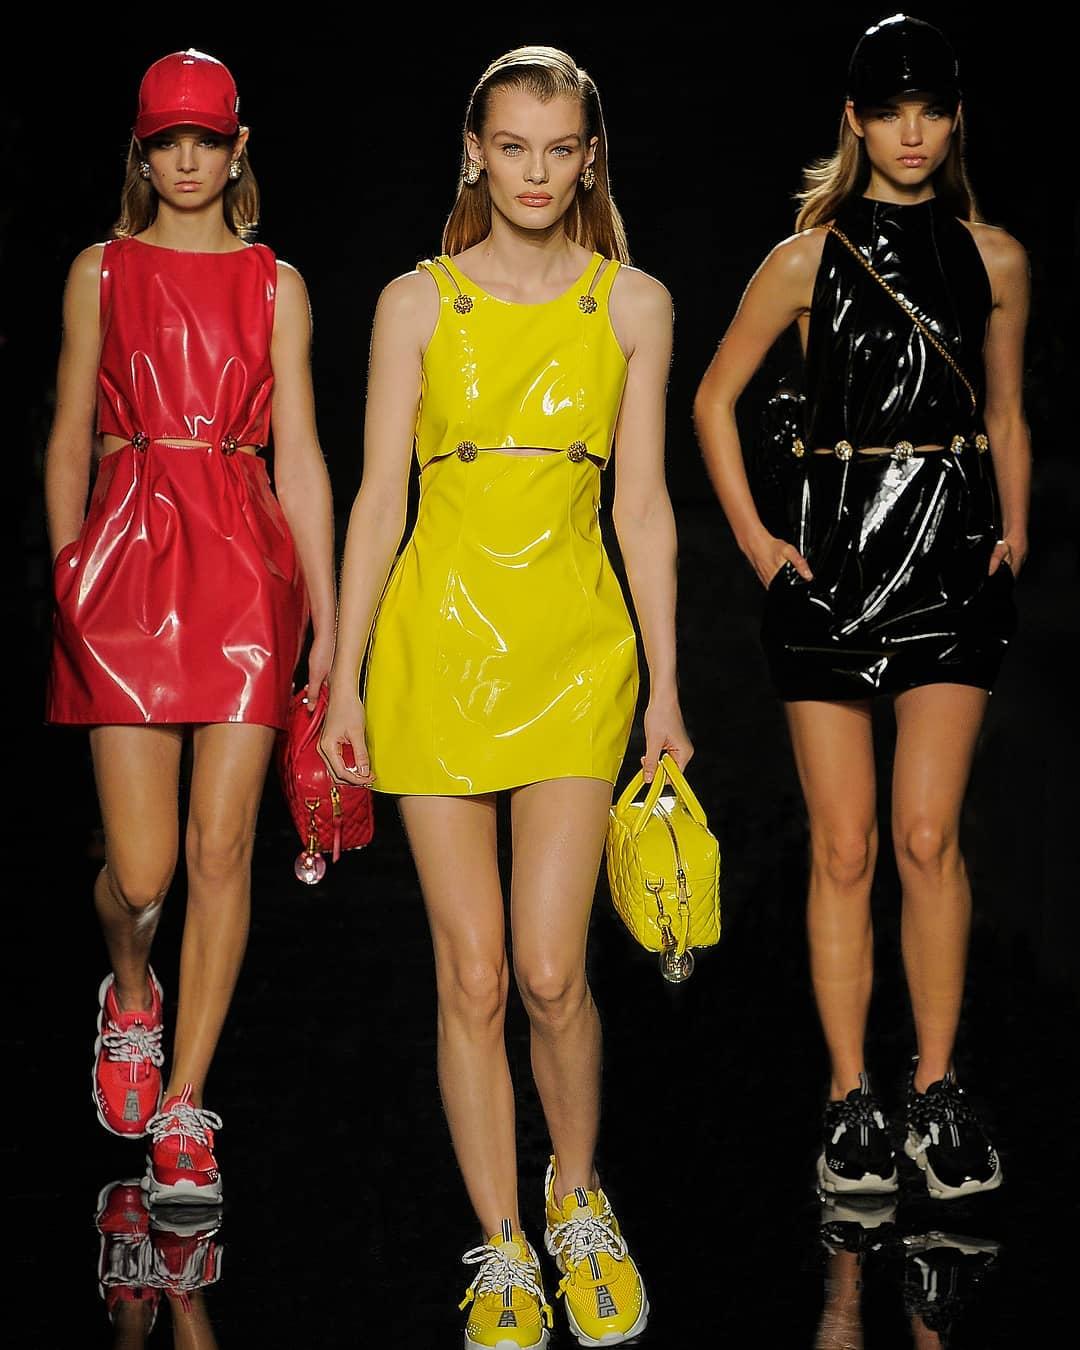 Những thiết kế trên chất liệu da bóng mang tông màu sặc sỡ được kết hợp với những đôi giày sneakers Chain Reaction.